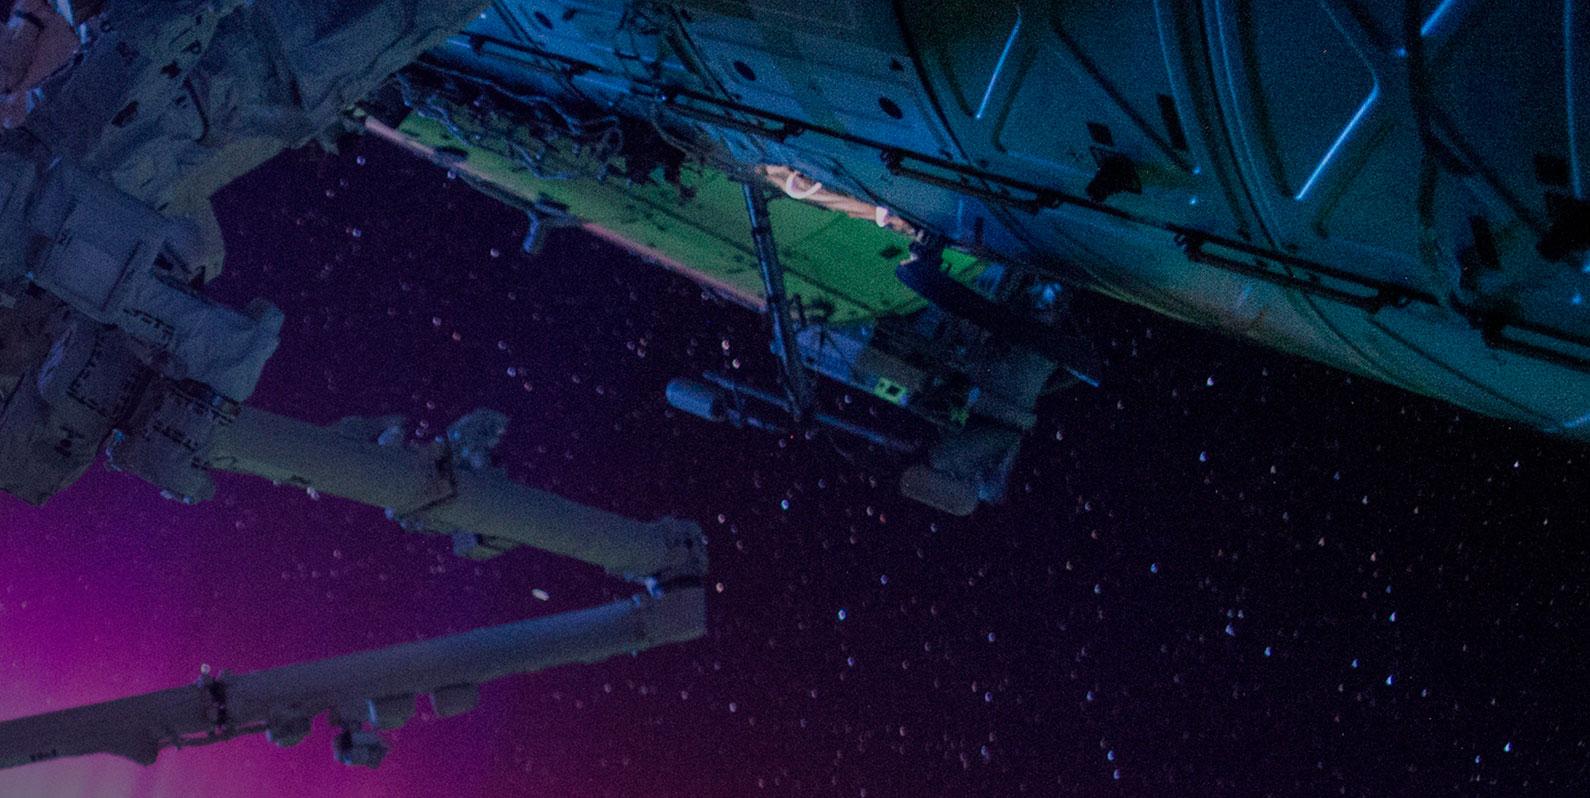 Os guardiães da noite escura: banda larga, astronomia e os satélites LEO